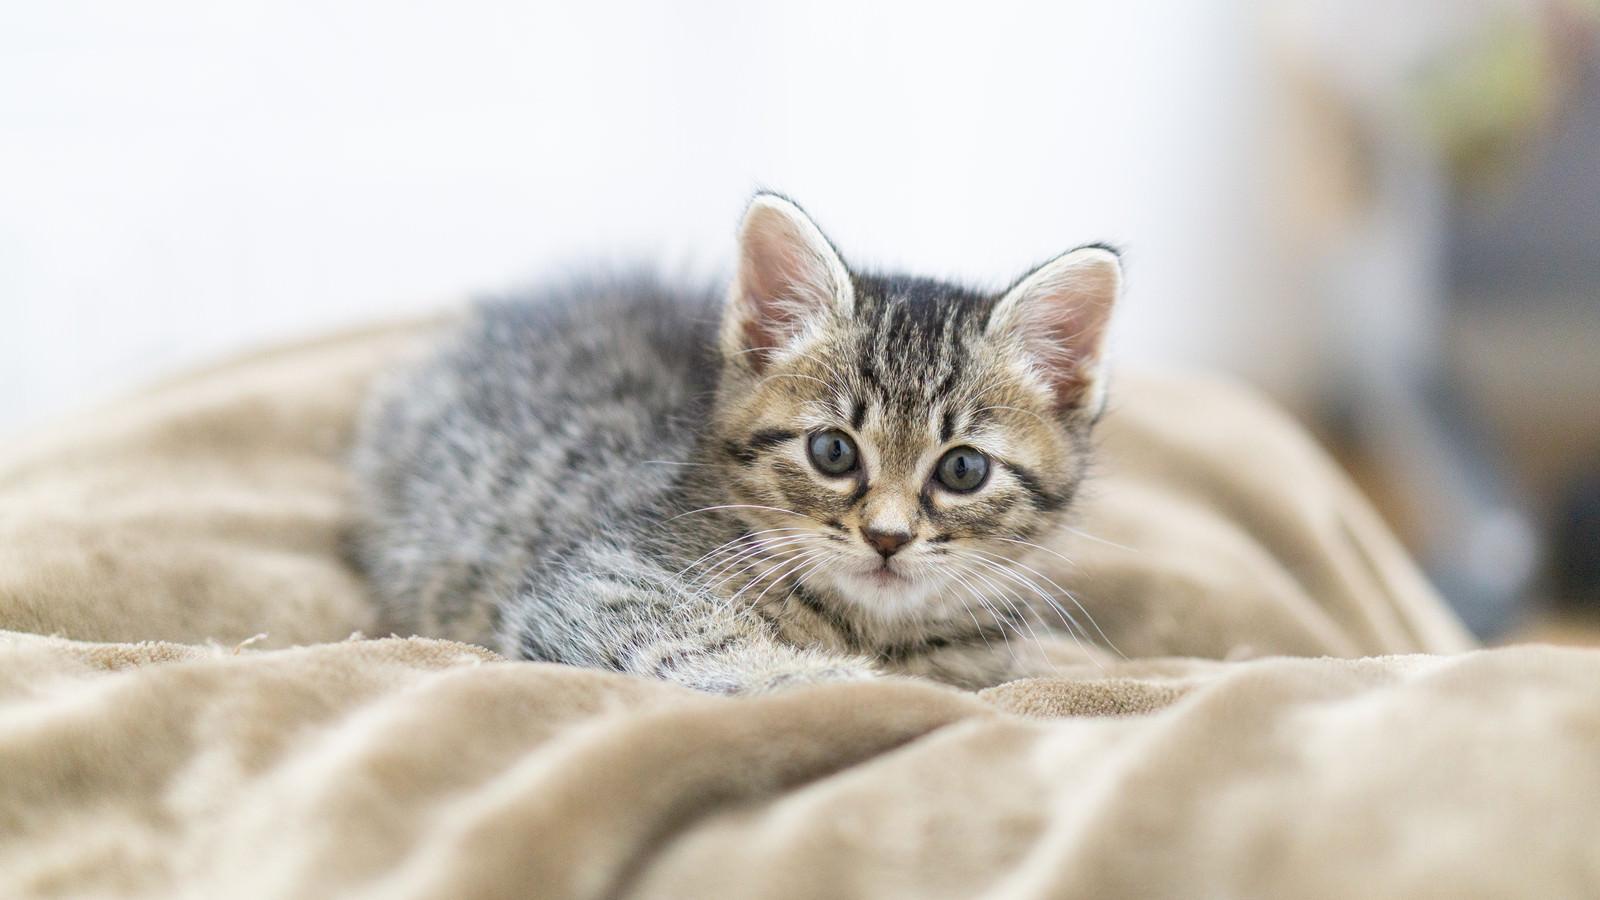 「つぶらな瞳でこちらを見る子猫」の写真